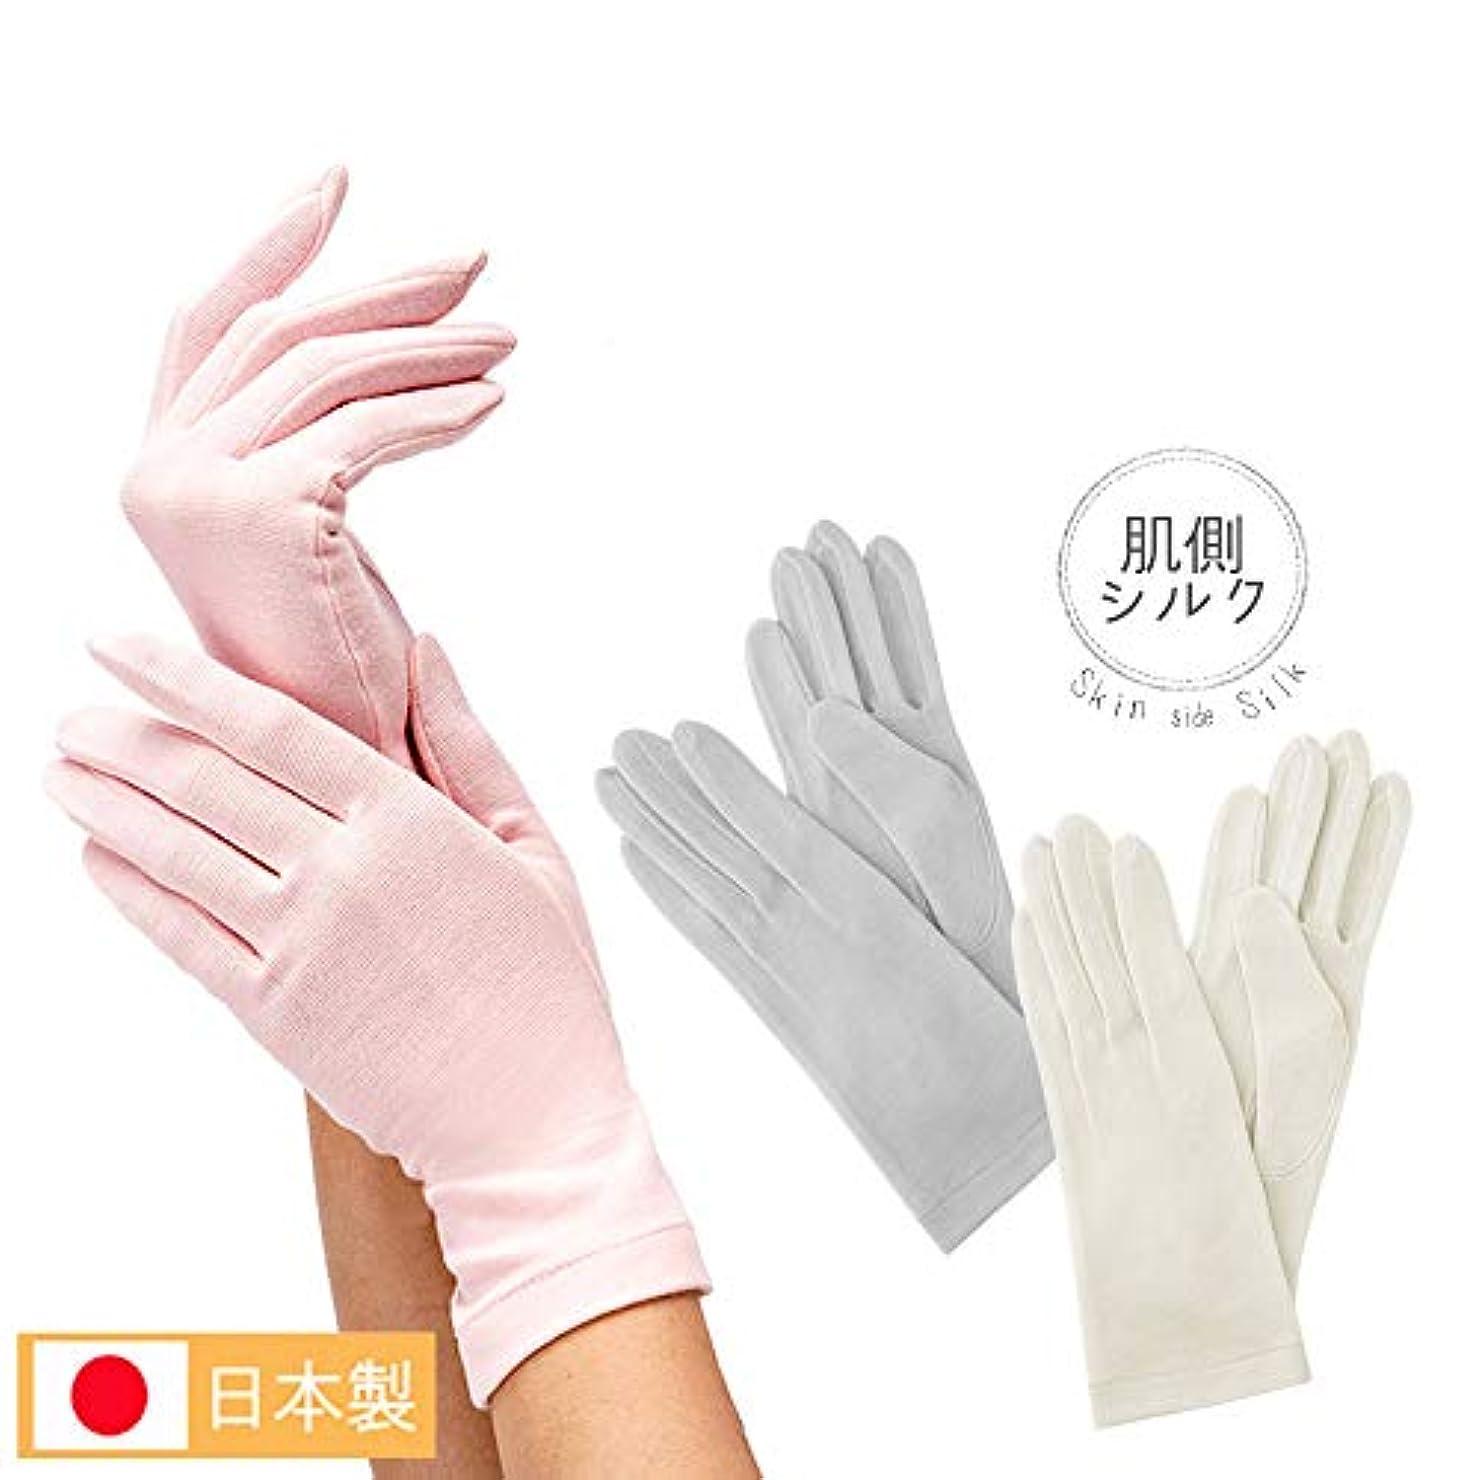 たくさんレザー火山学G12-0071_IV 就寝用 裏シルクうるおい手袋 あったか 薄い 手荒れ ハンドケア 保湿 レディース 女性 おやすみ 寝るとき 日本製 アイボリー